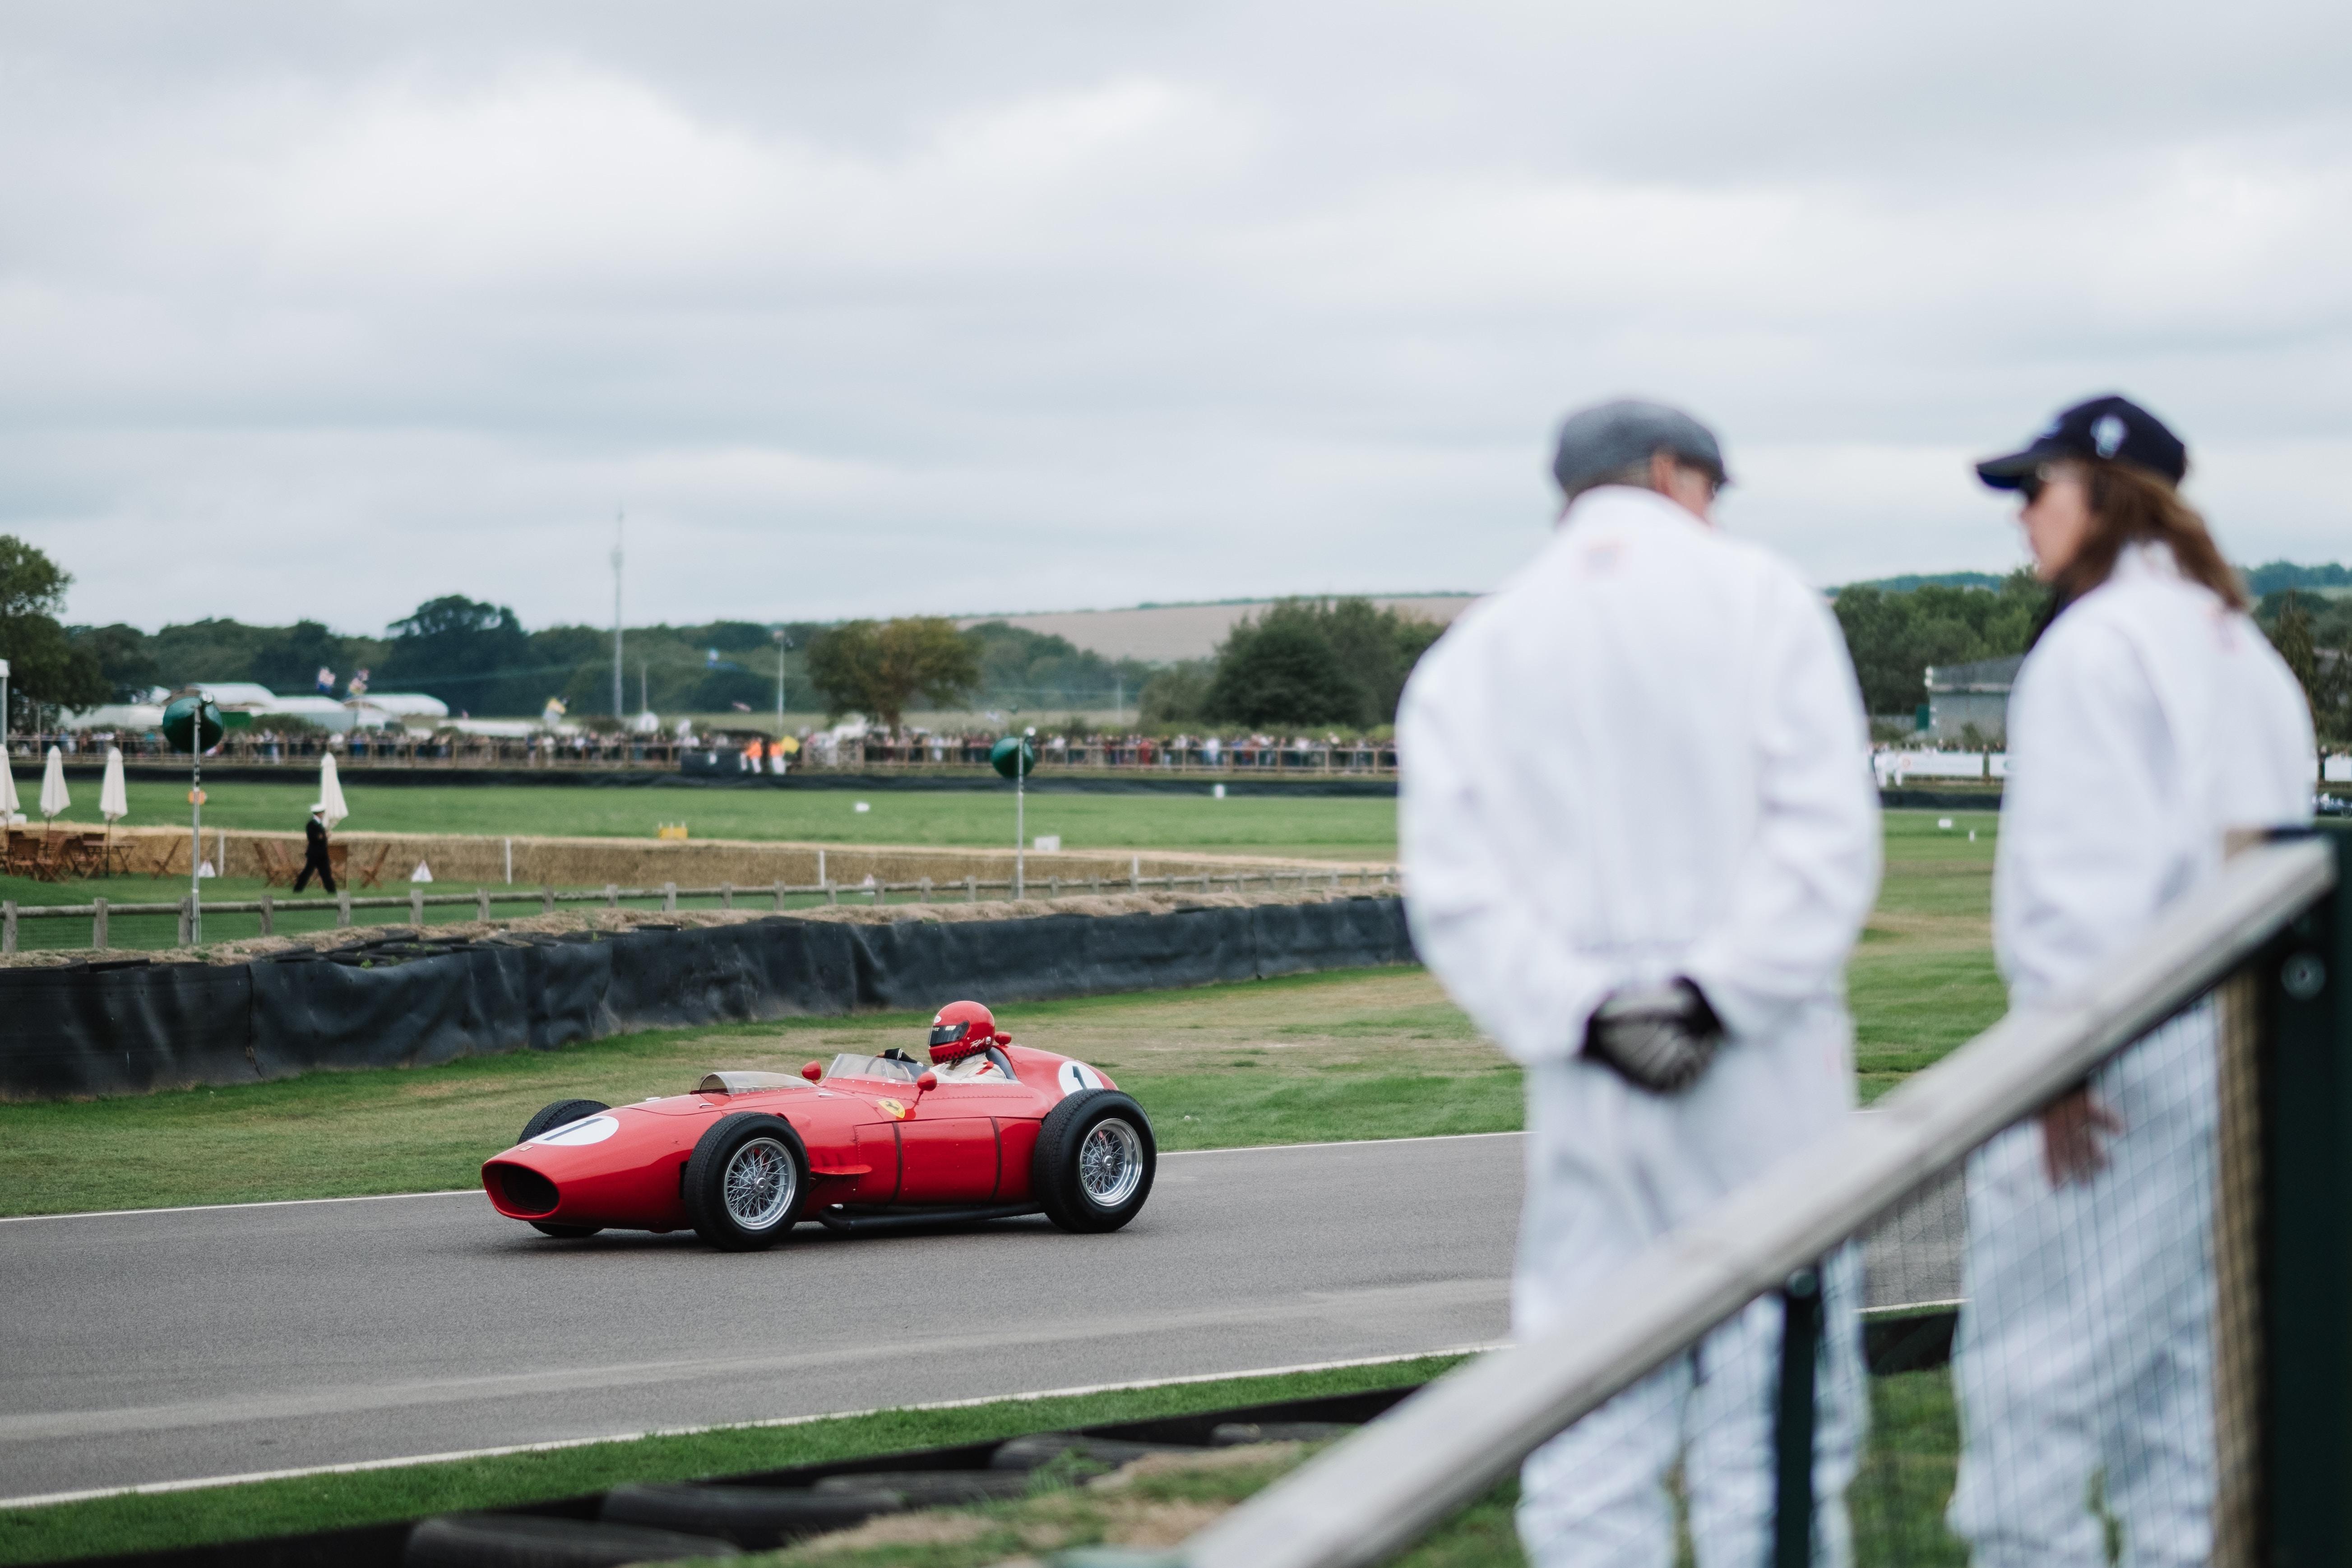 person riding racing go-kart between grass field